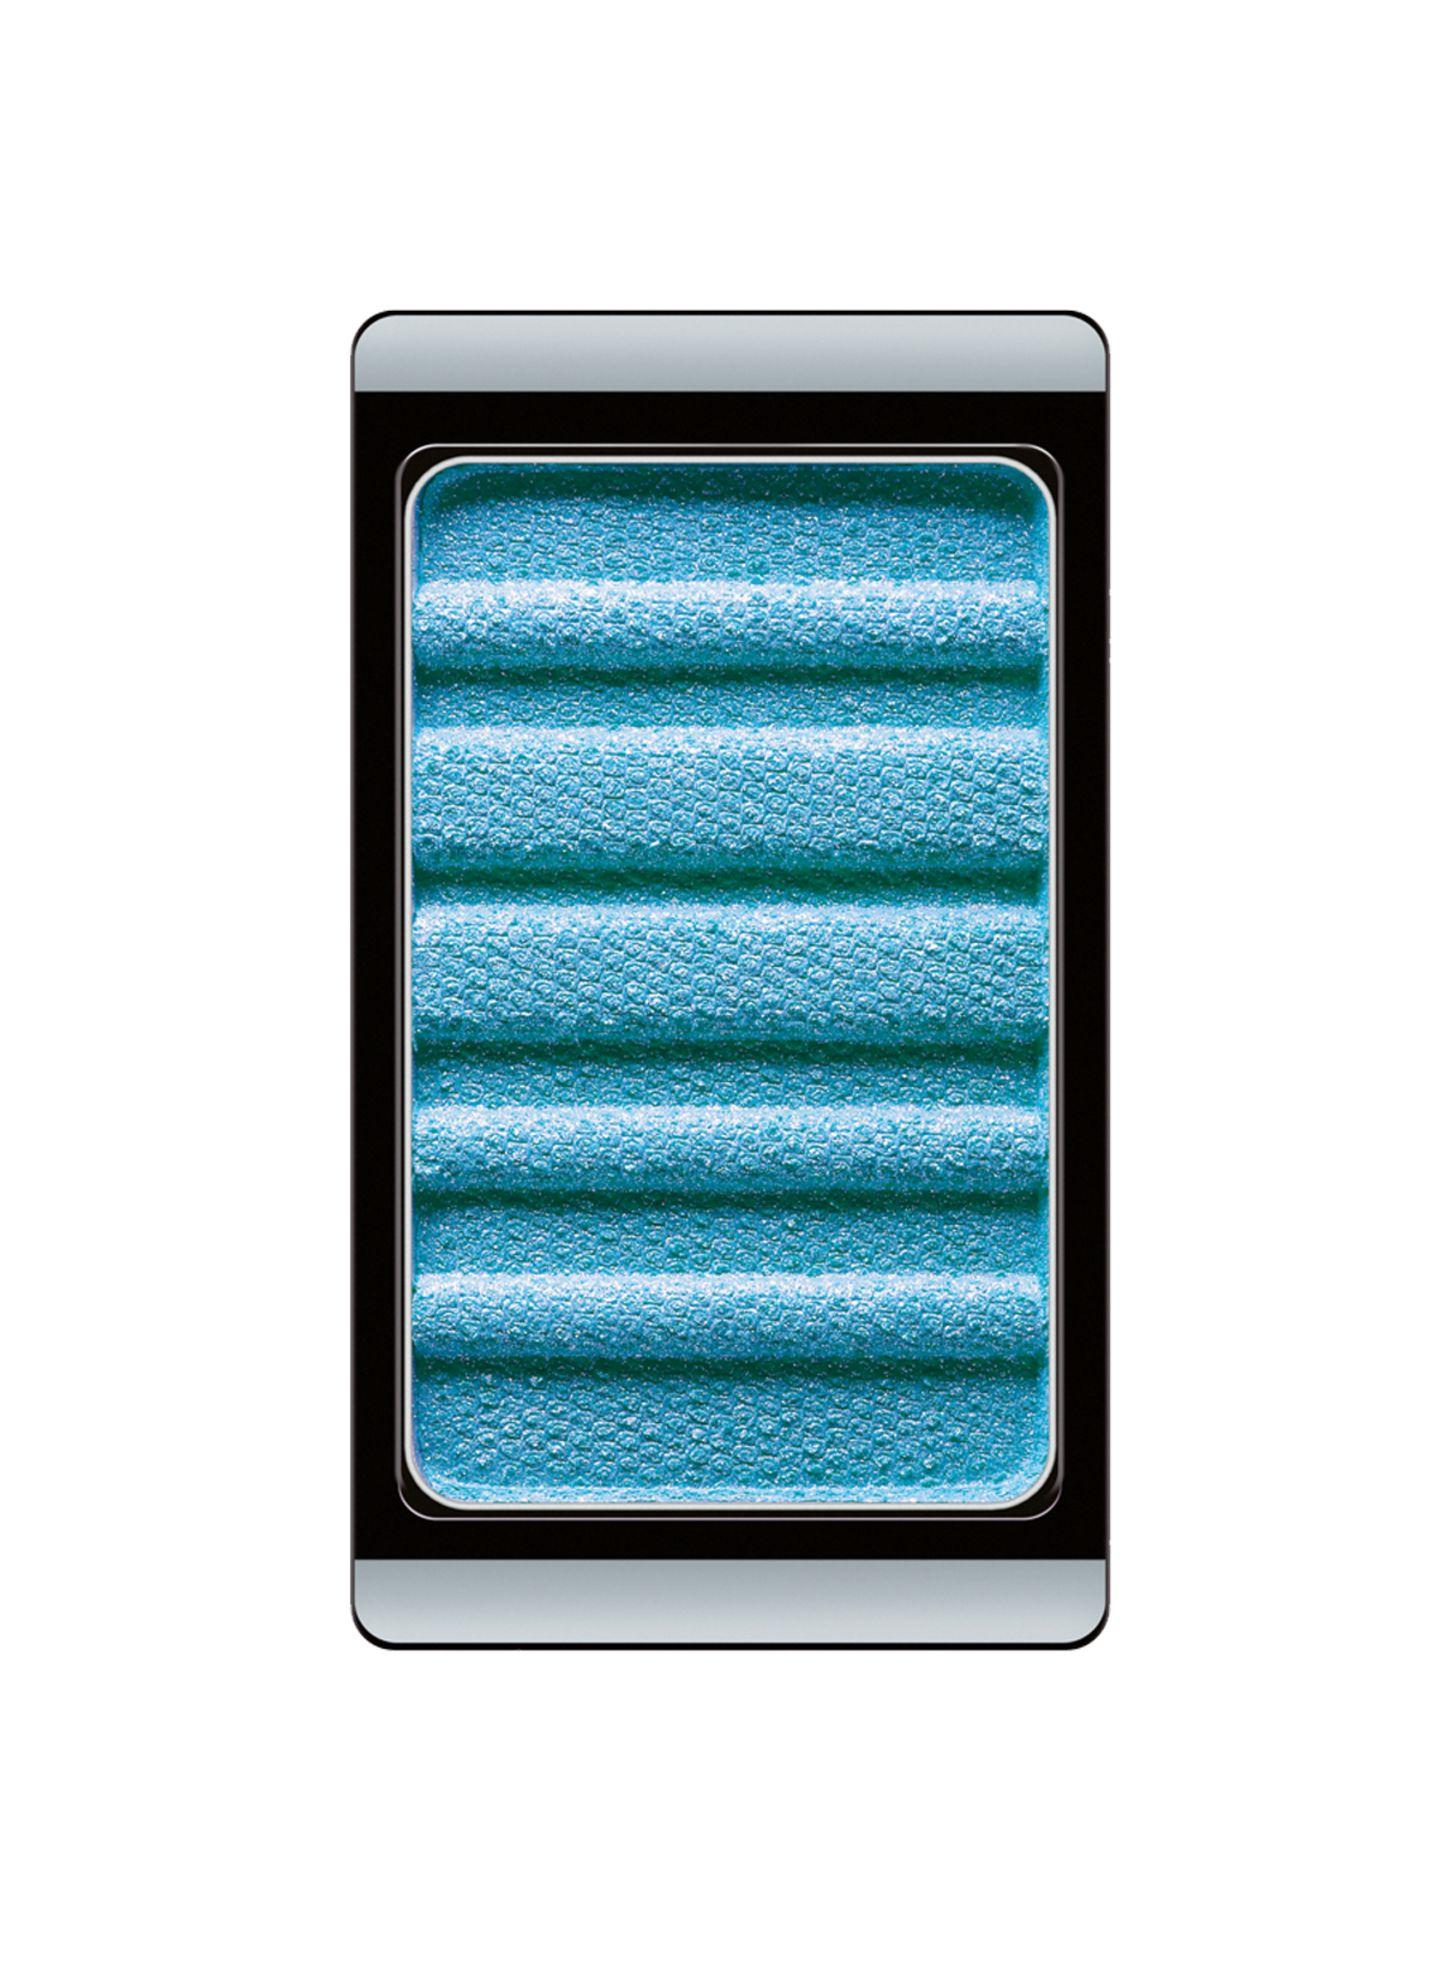 """Für leuchtende Lider: """"Blue Ice Cube Nr. 426""""-Eyeshadow aus der """"Color & Art Collection"""". Von Artdeco, ca. 5 Euro"""